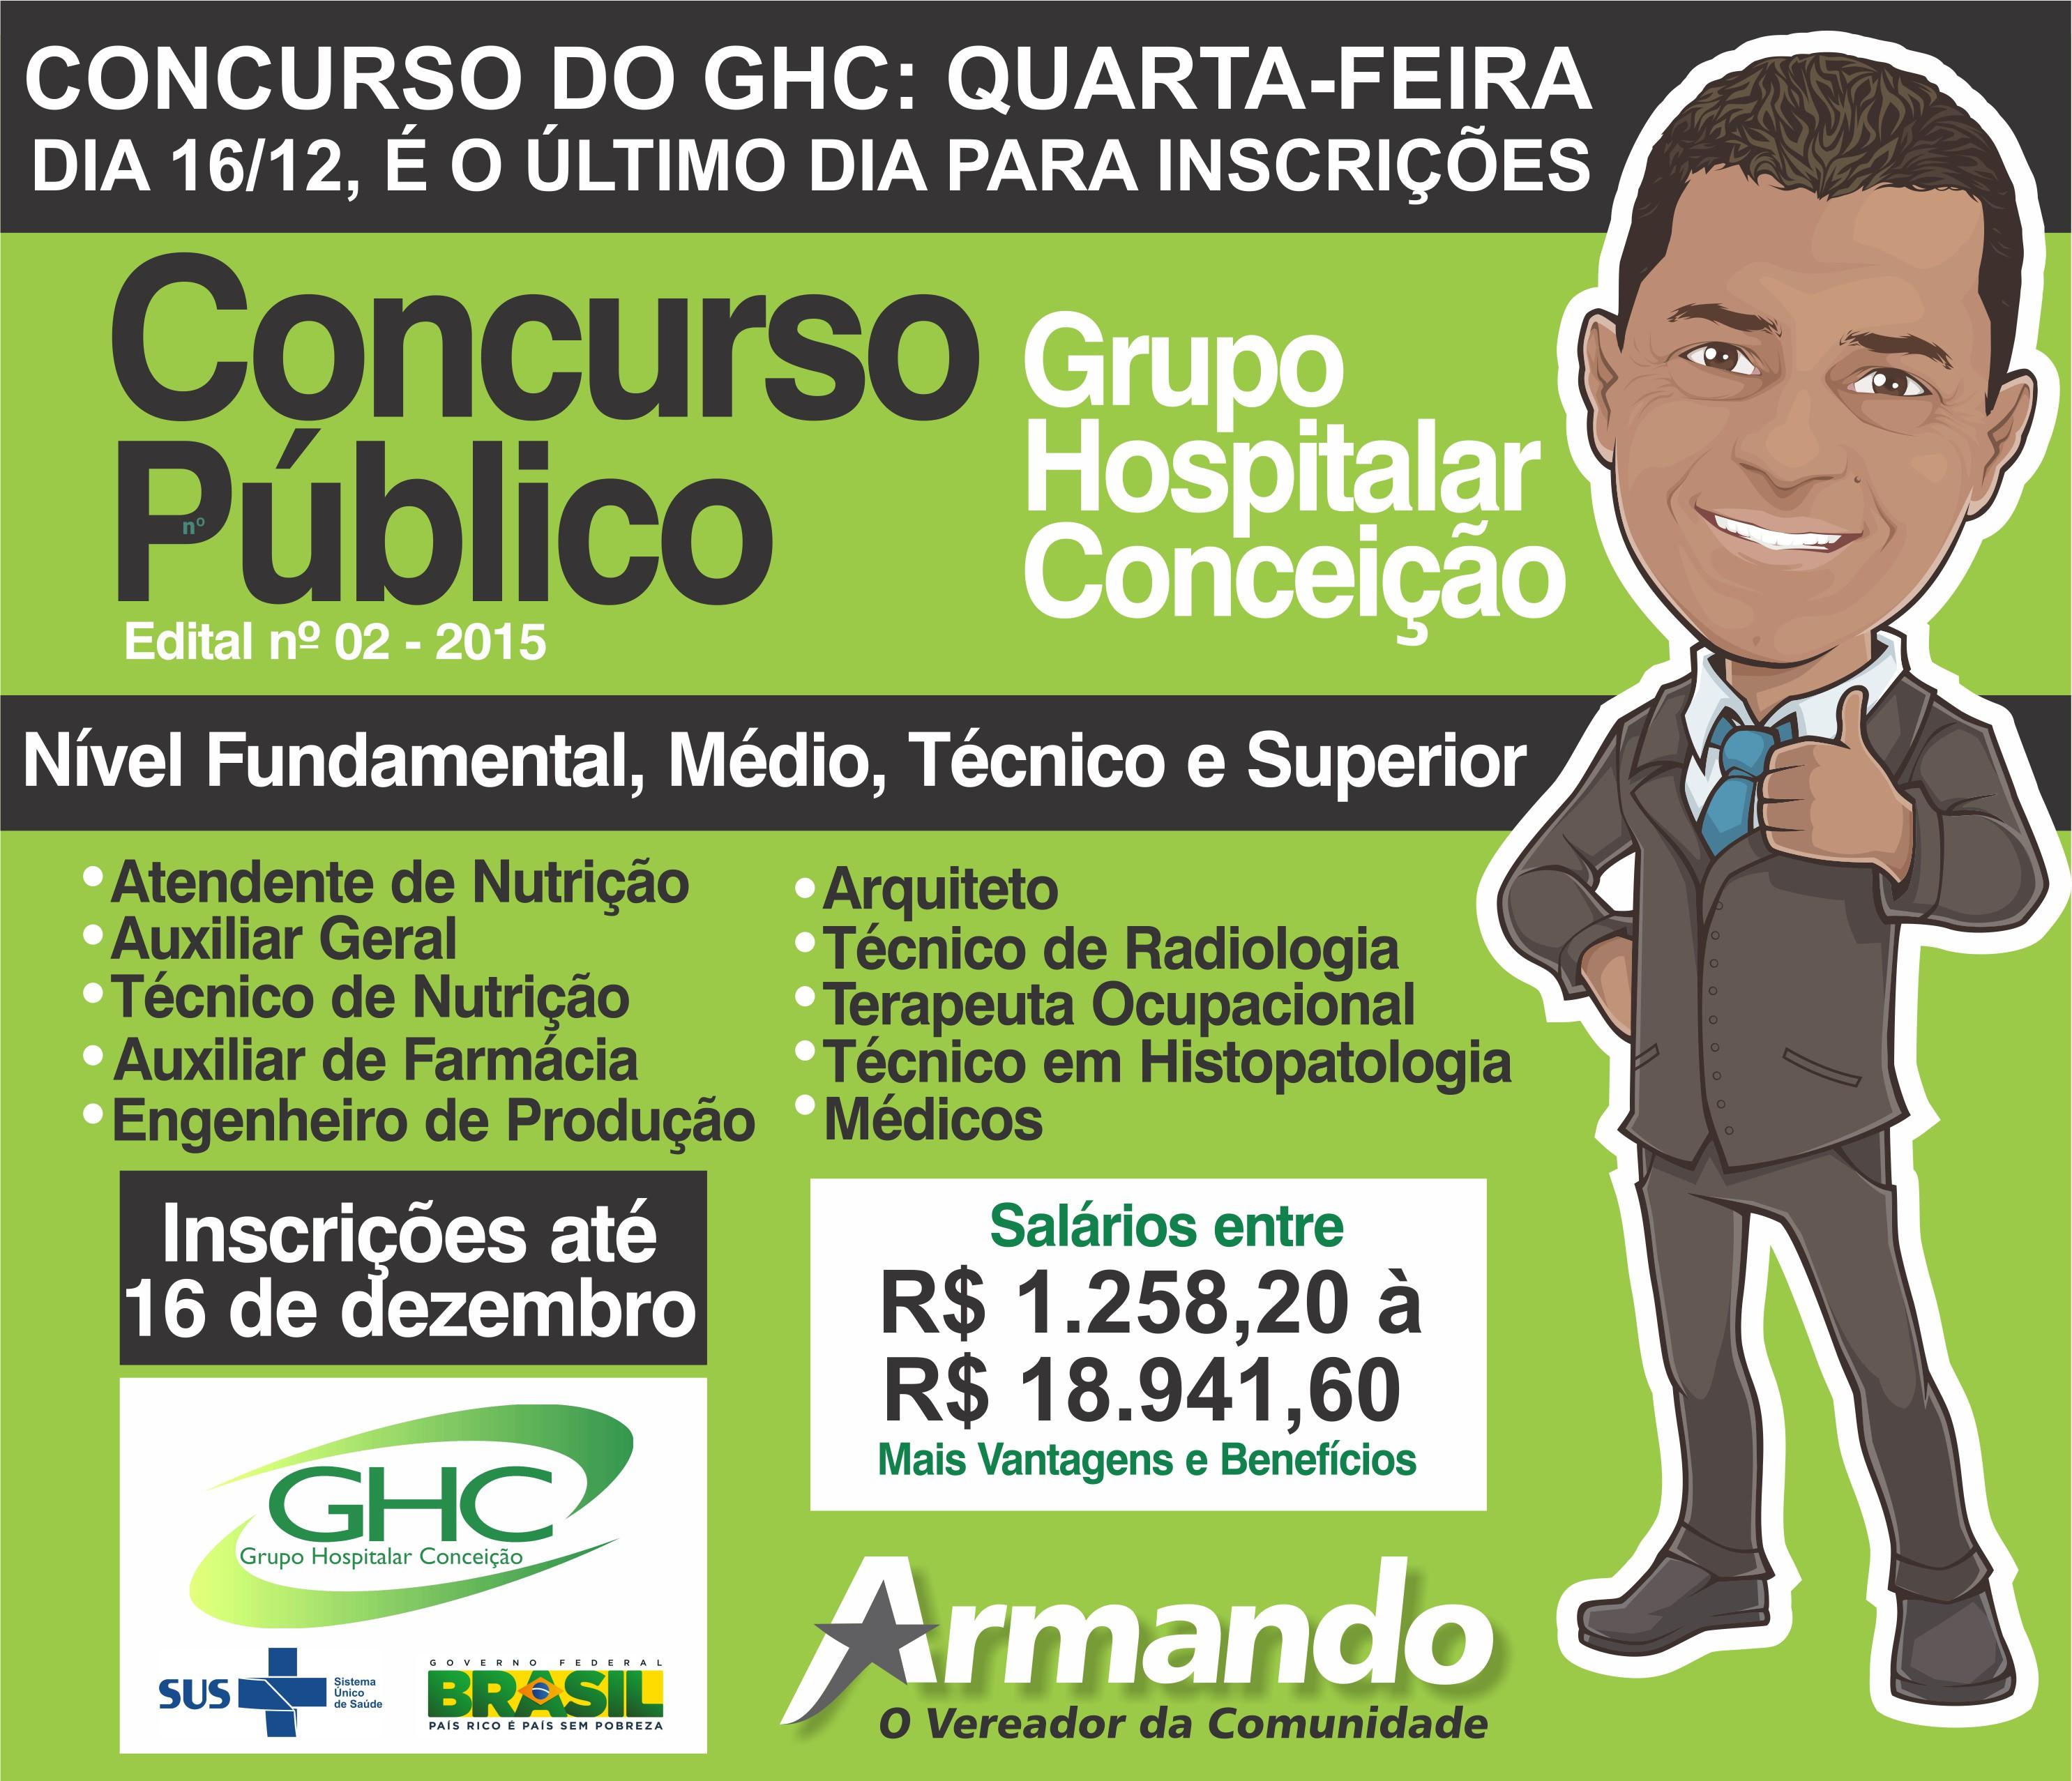 GHC _VEREADOR ARMANDO